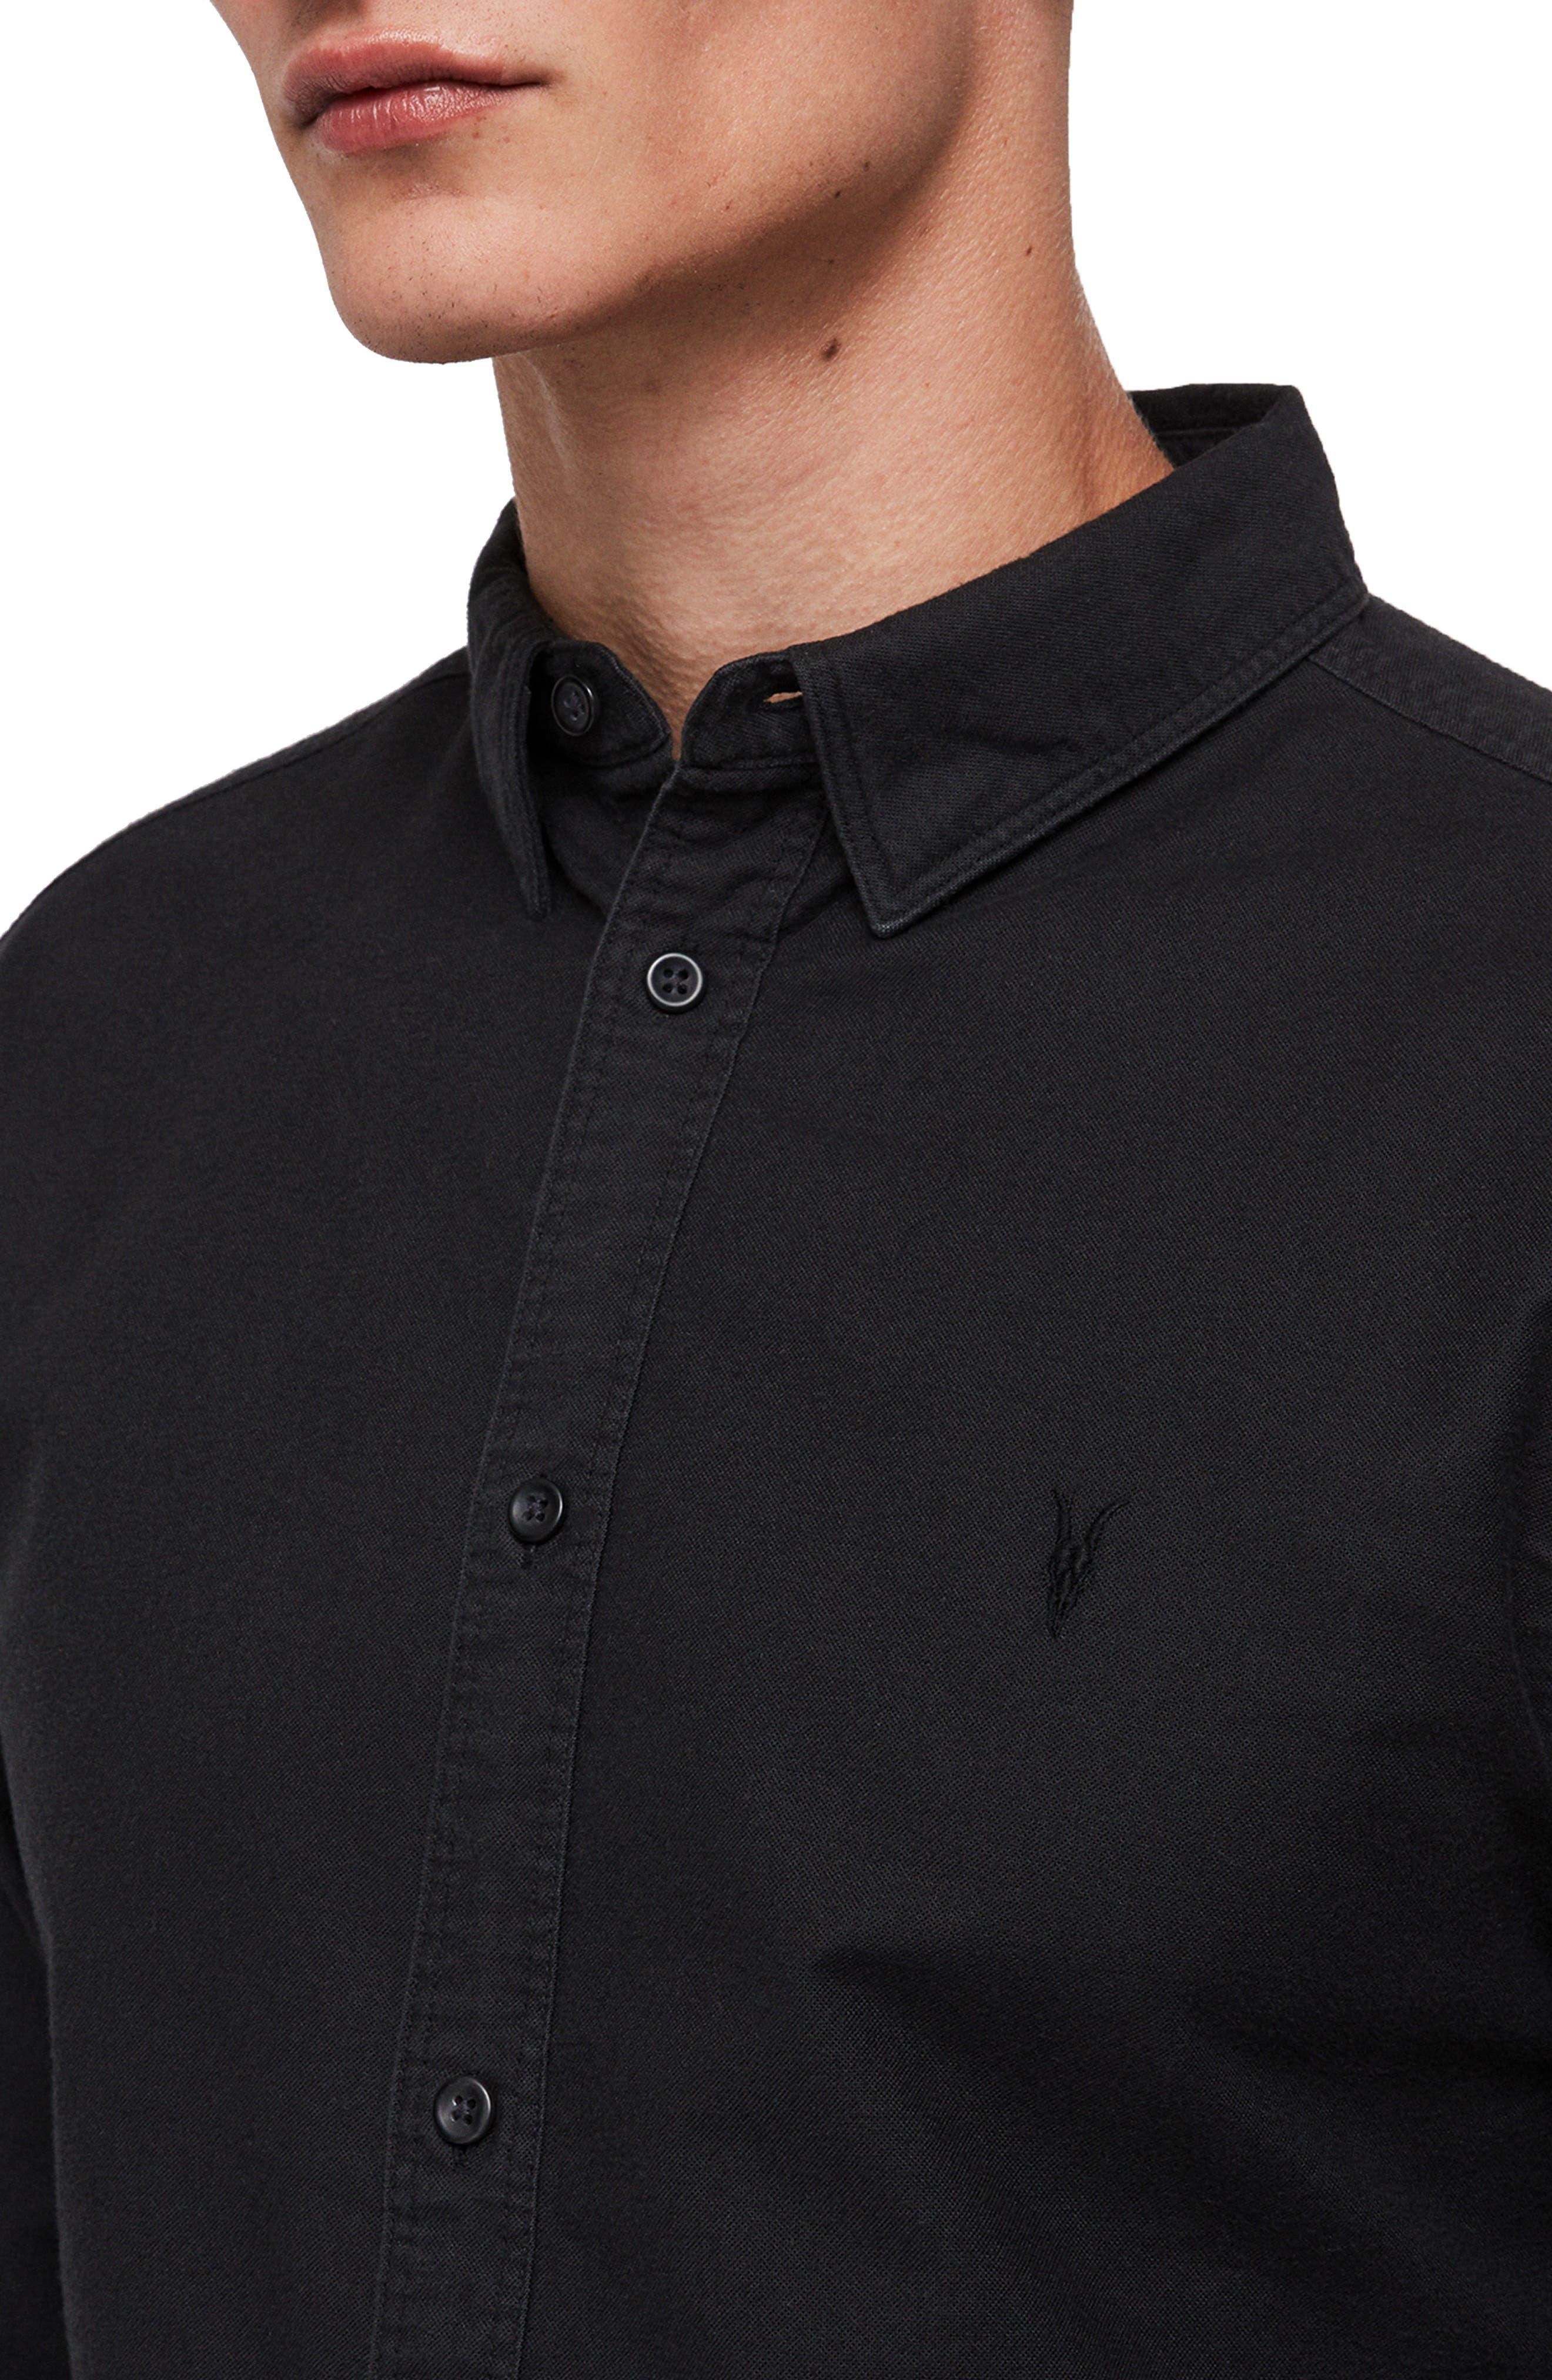 Huntington Regular Fit Sport Shirt,                             Alternate thumbnail 2, color,                             BLACK